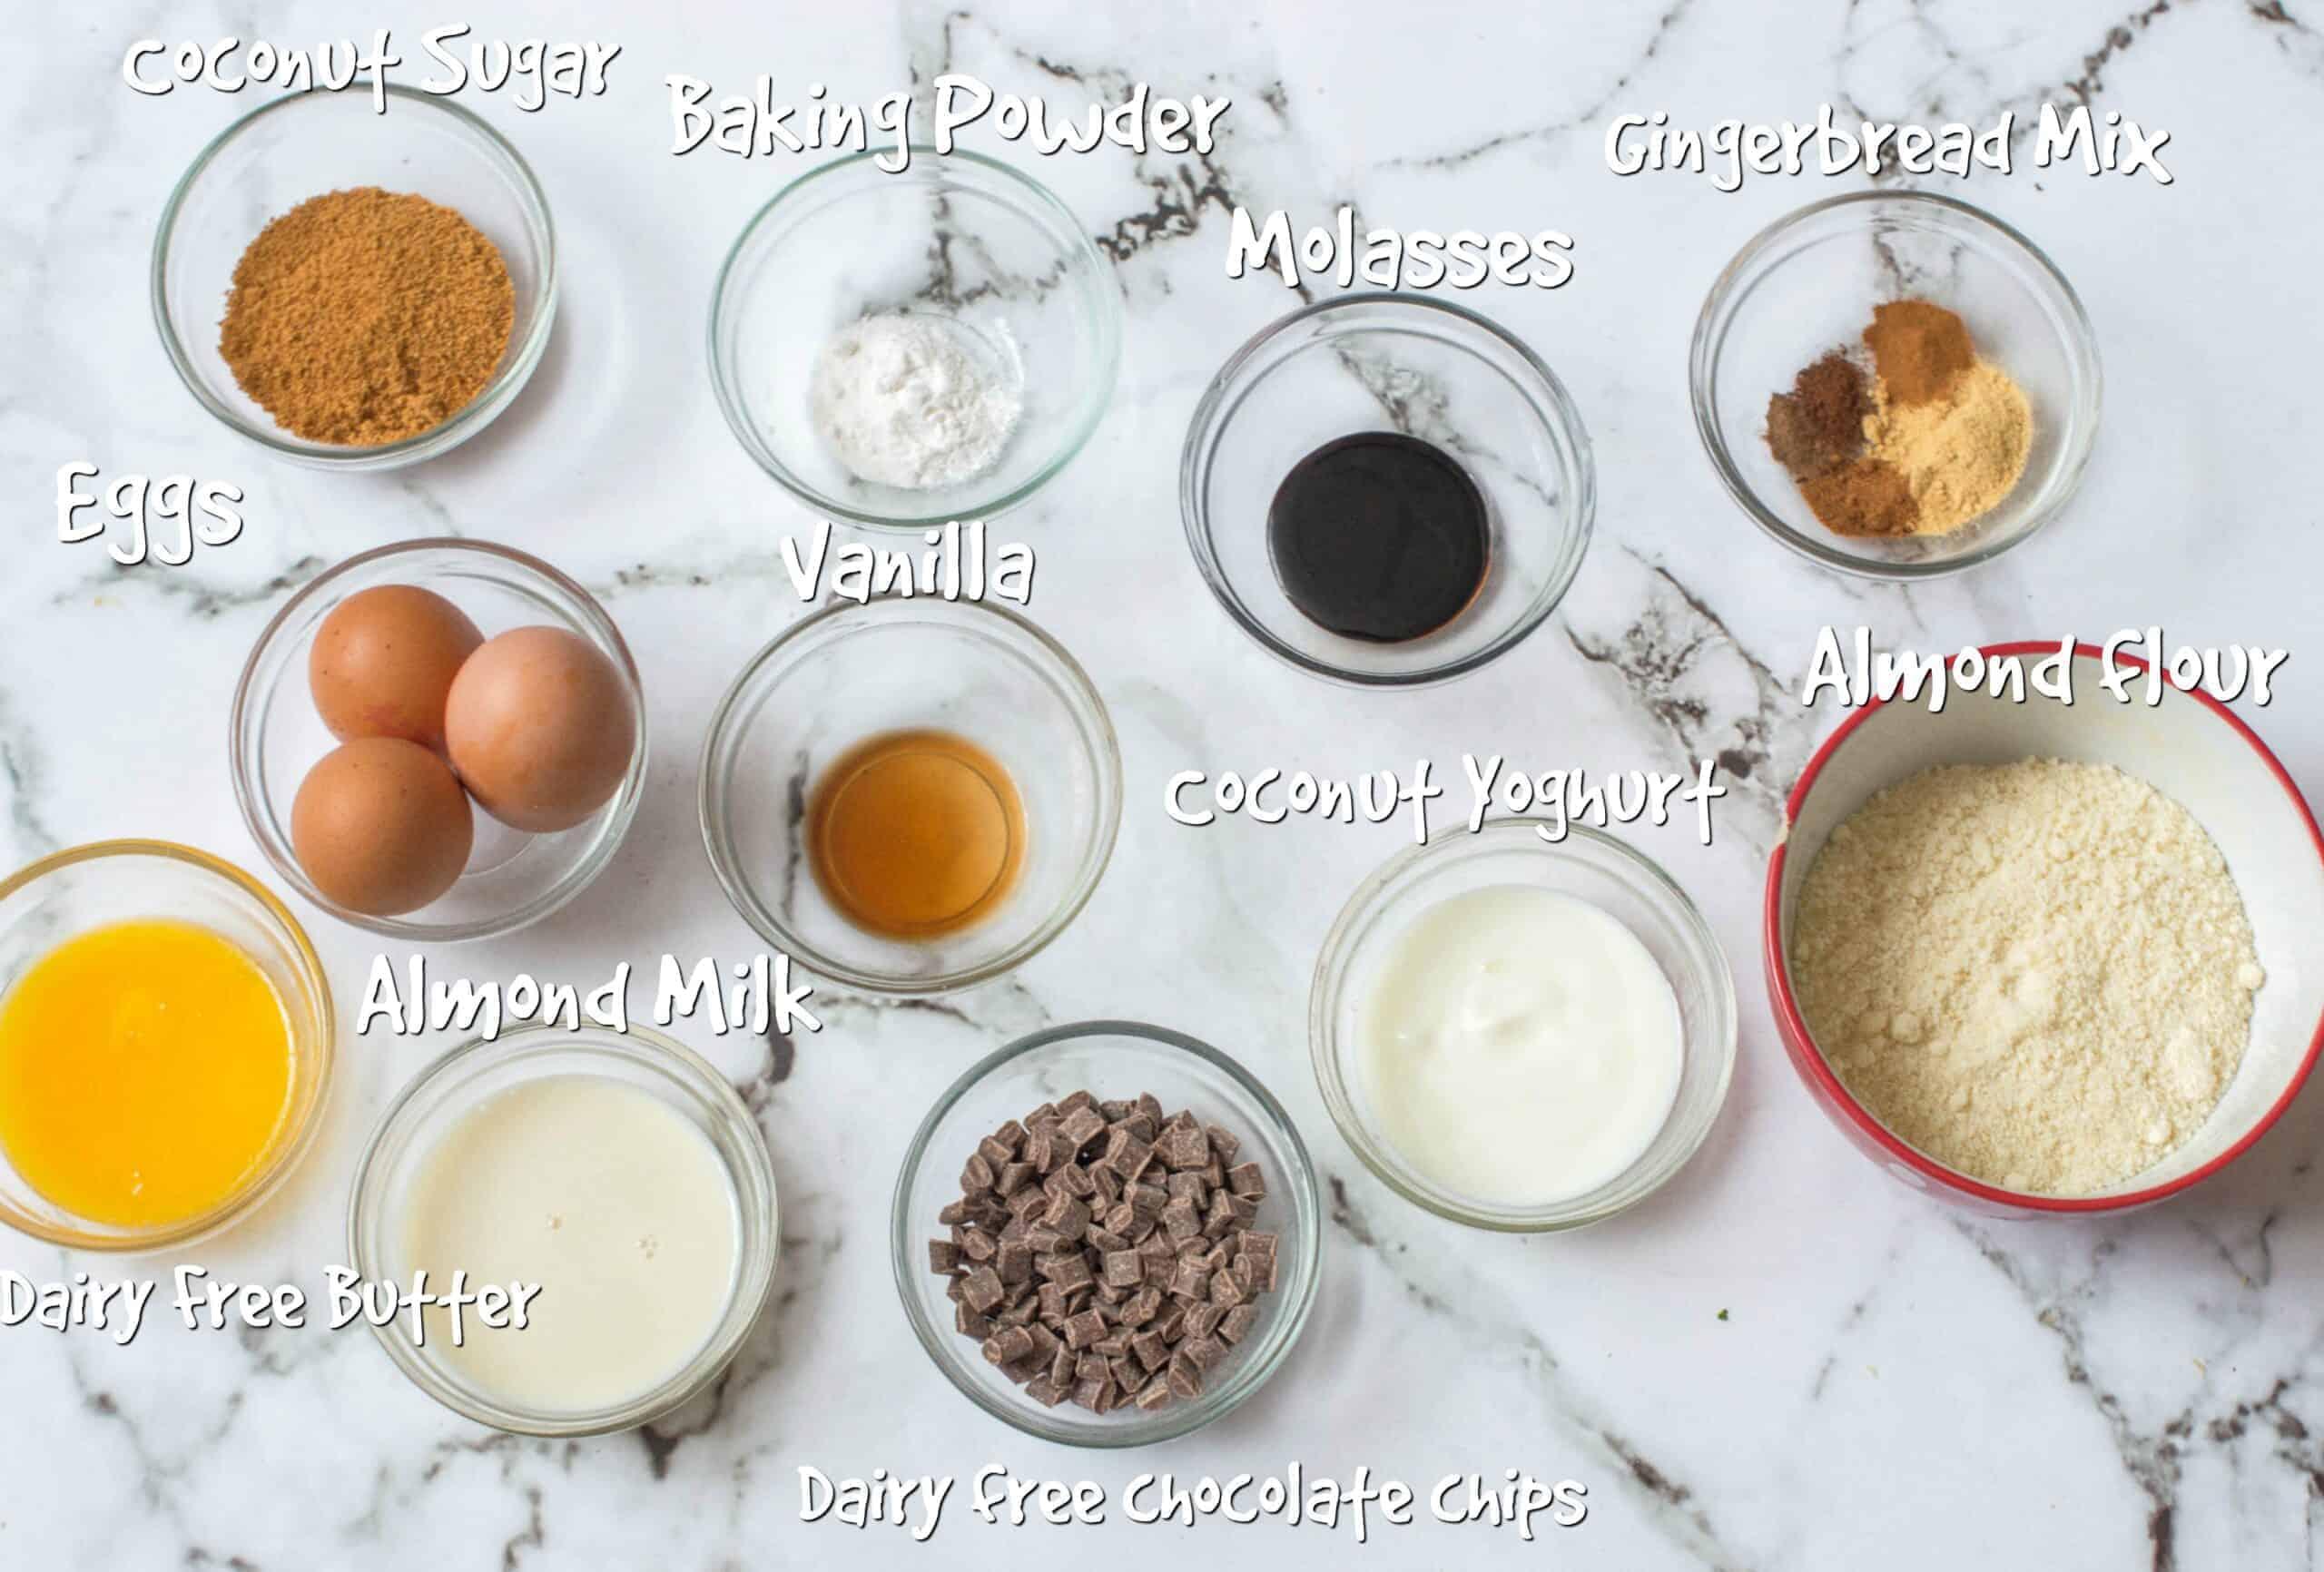 gluten free gingerbread muffins ingredients